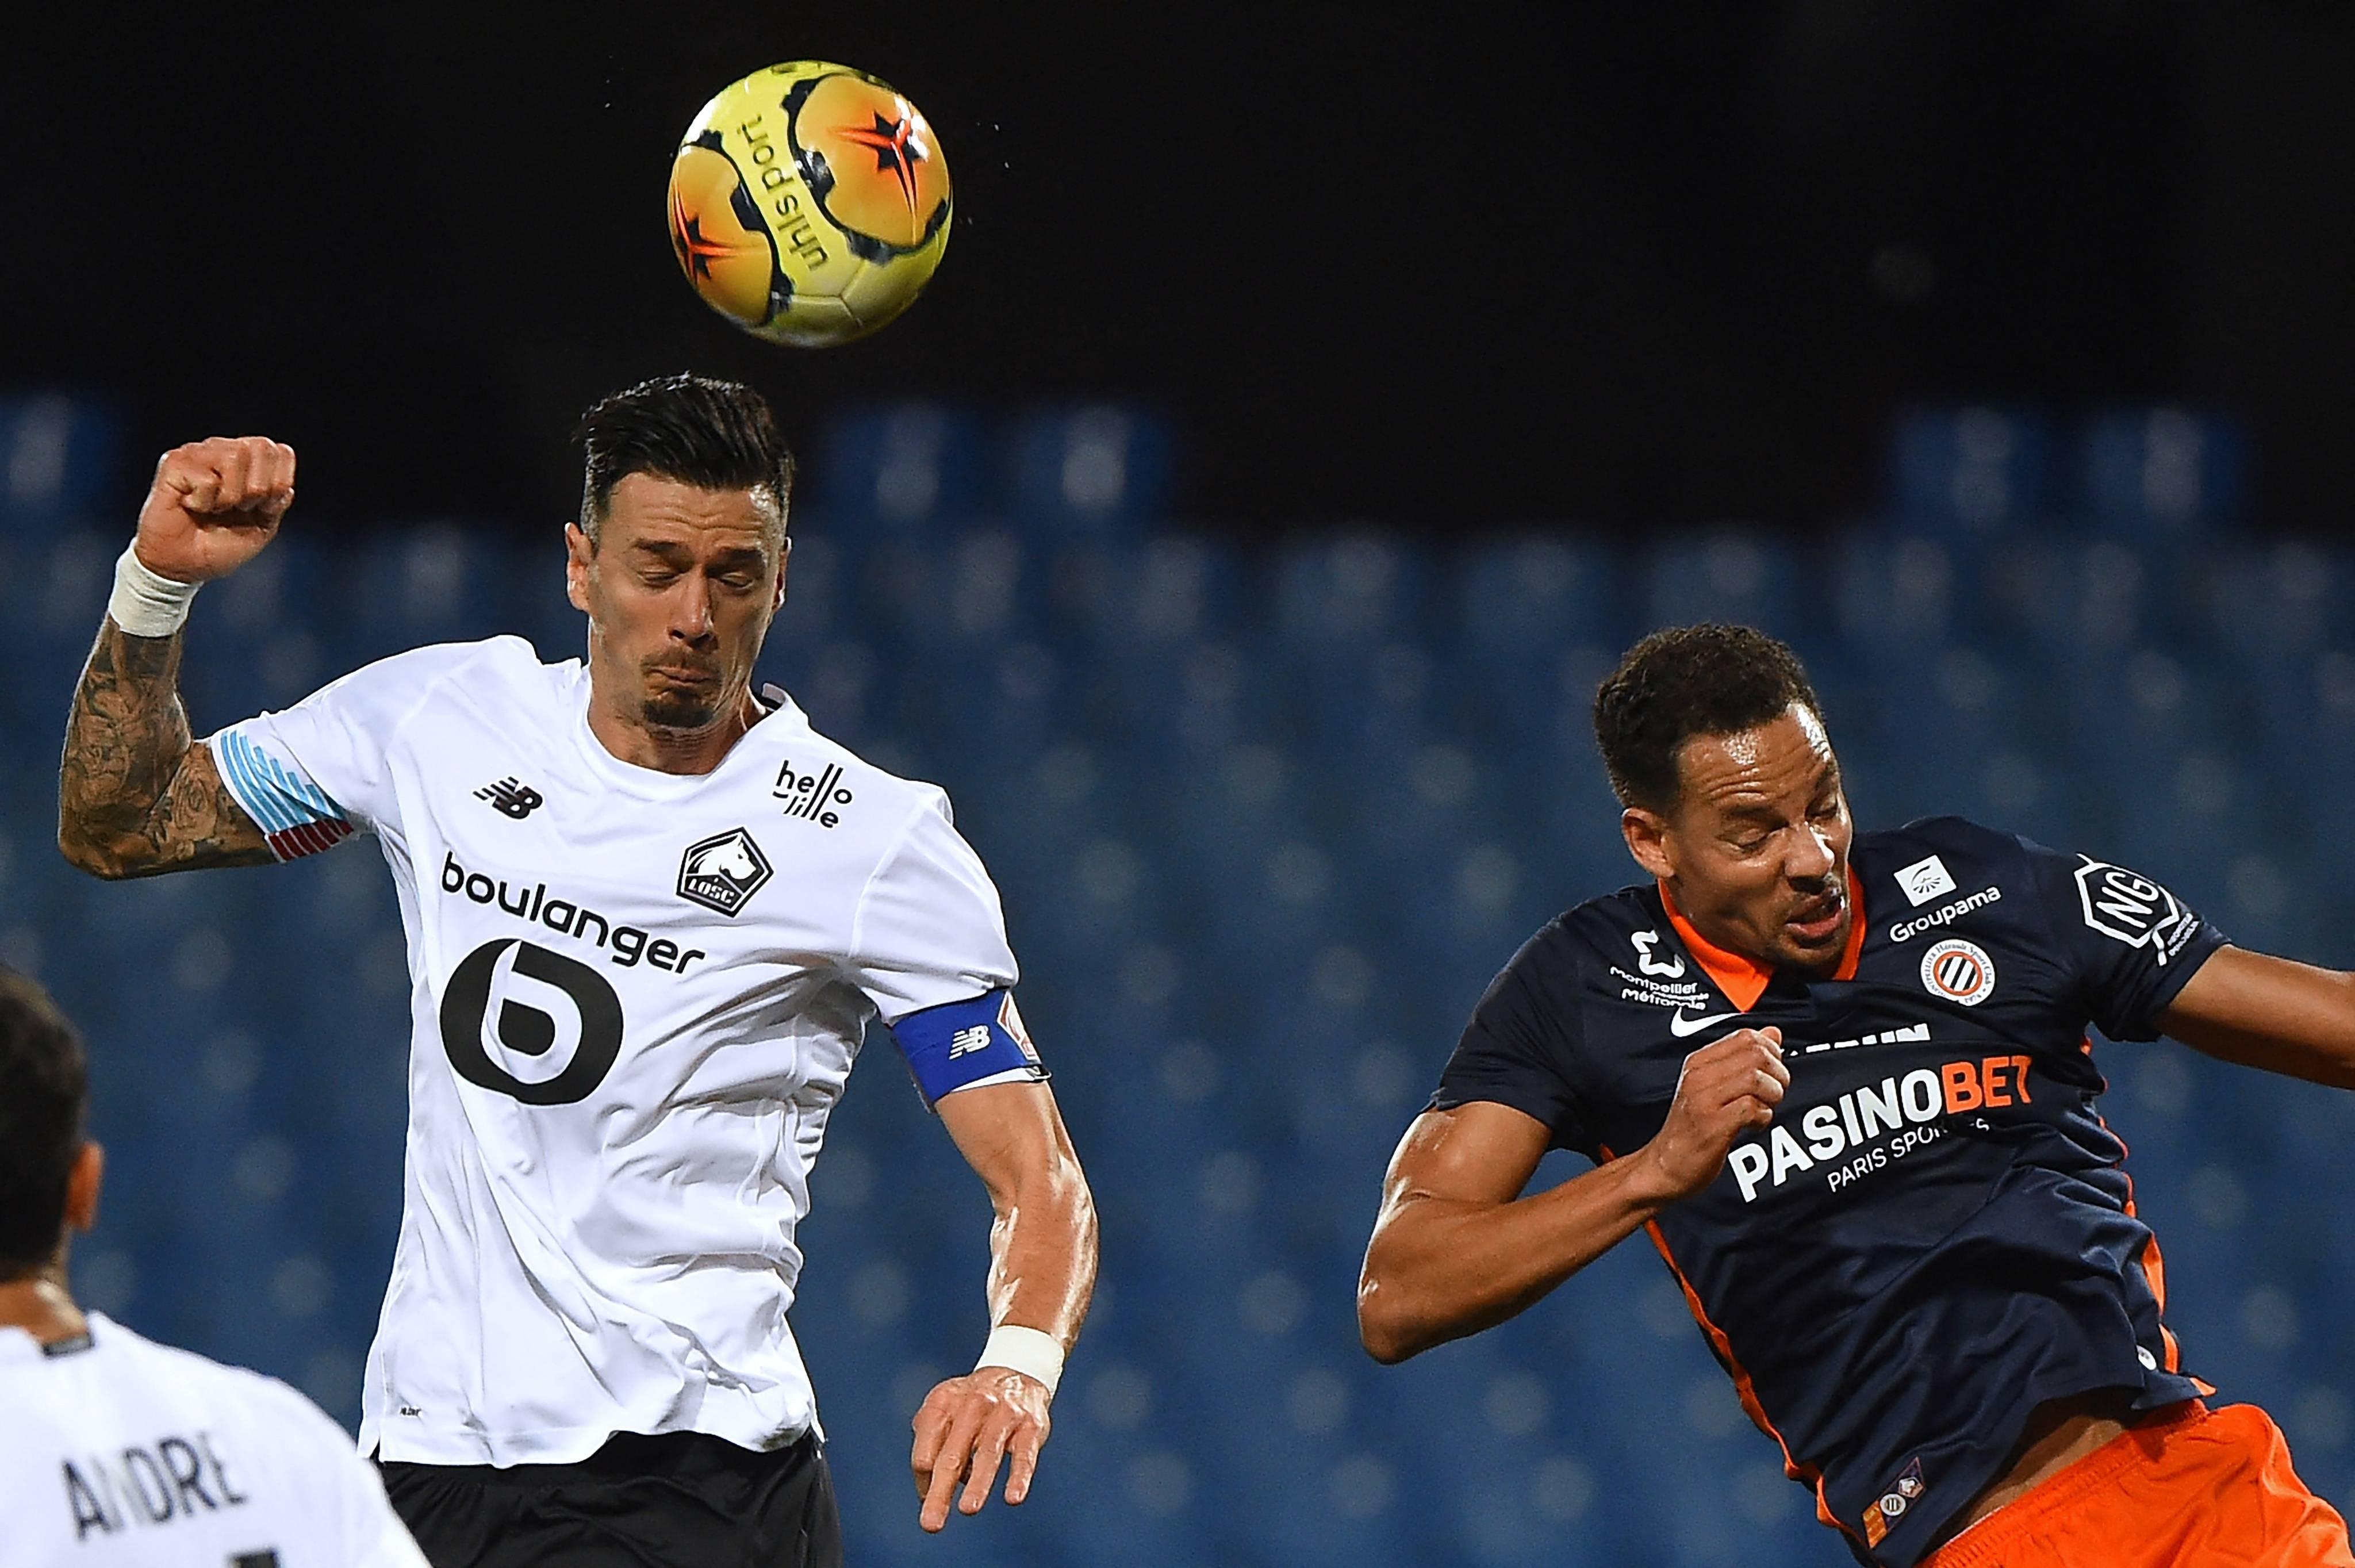 Lille et Montpellier s'affrontent en ouverture de la 33e journée de Ligue 1